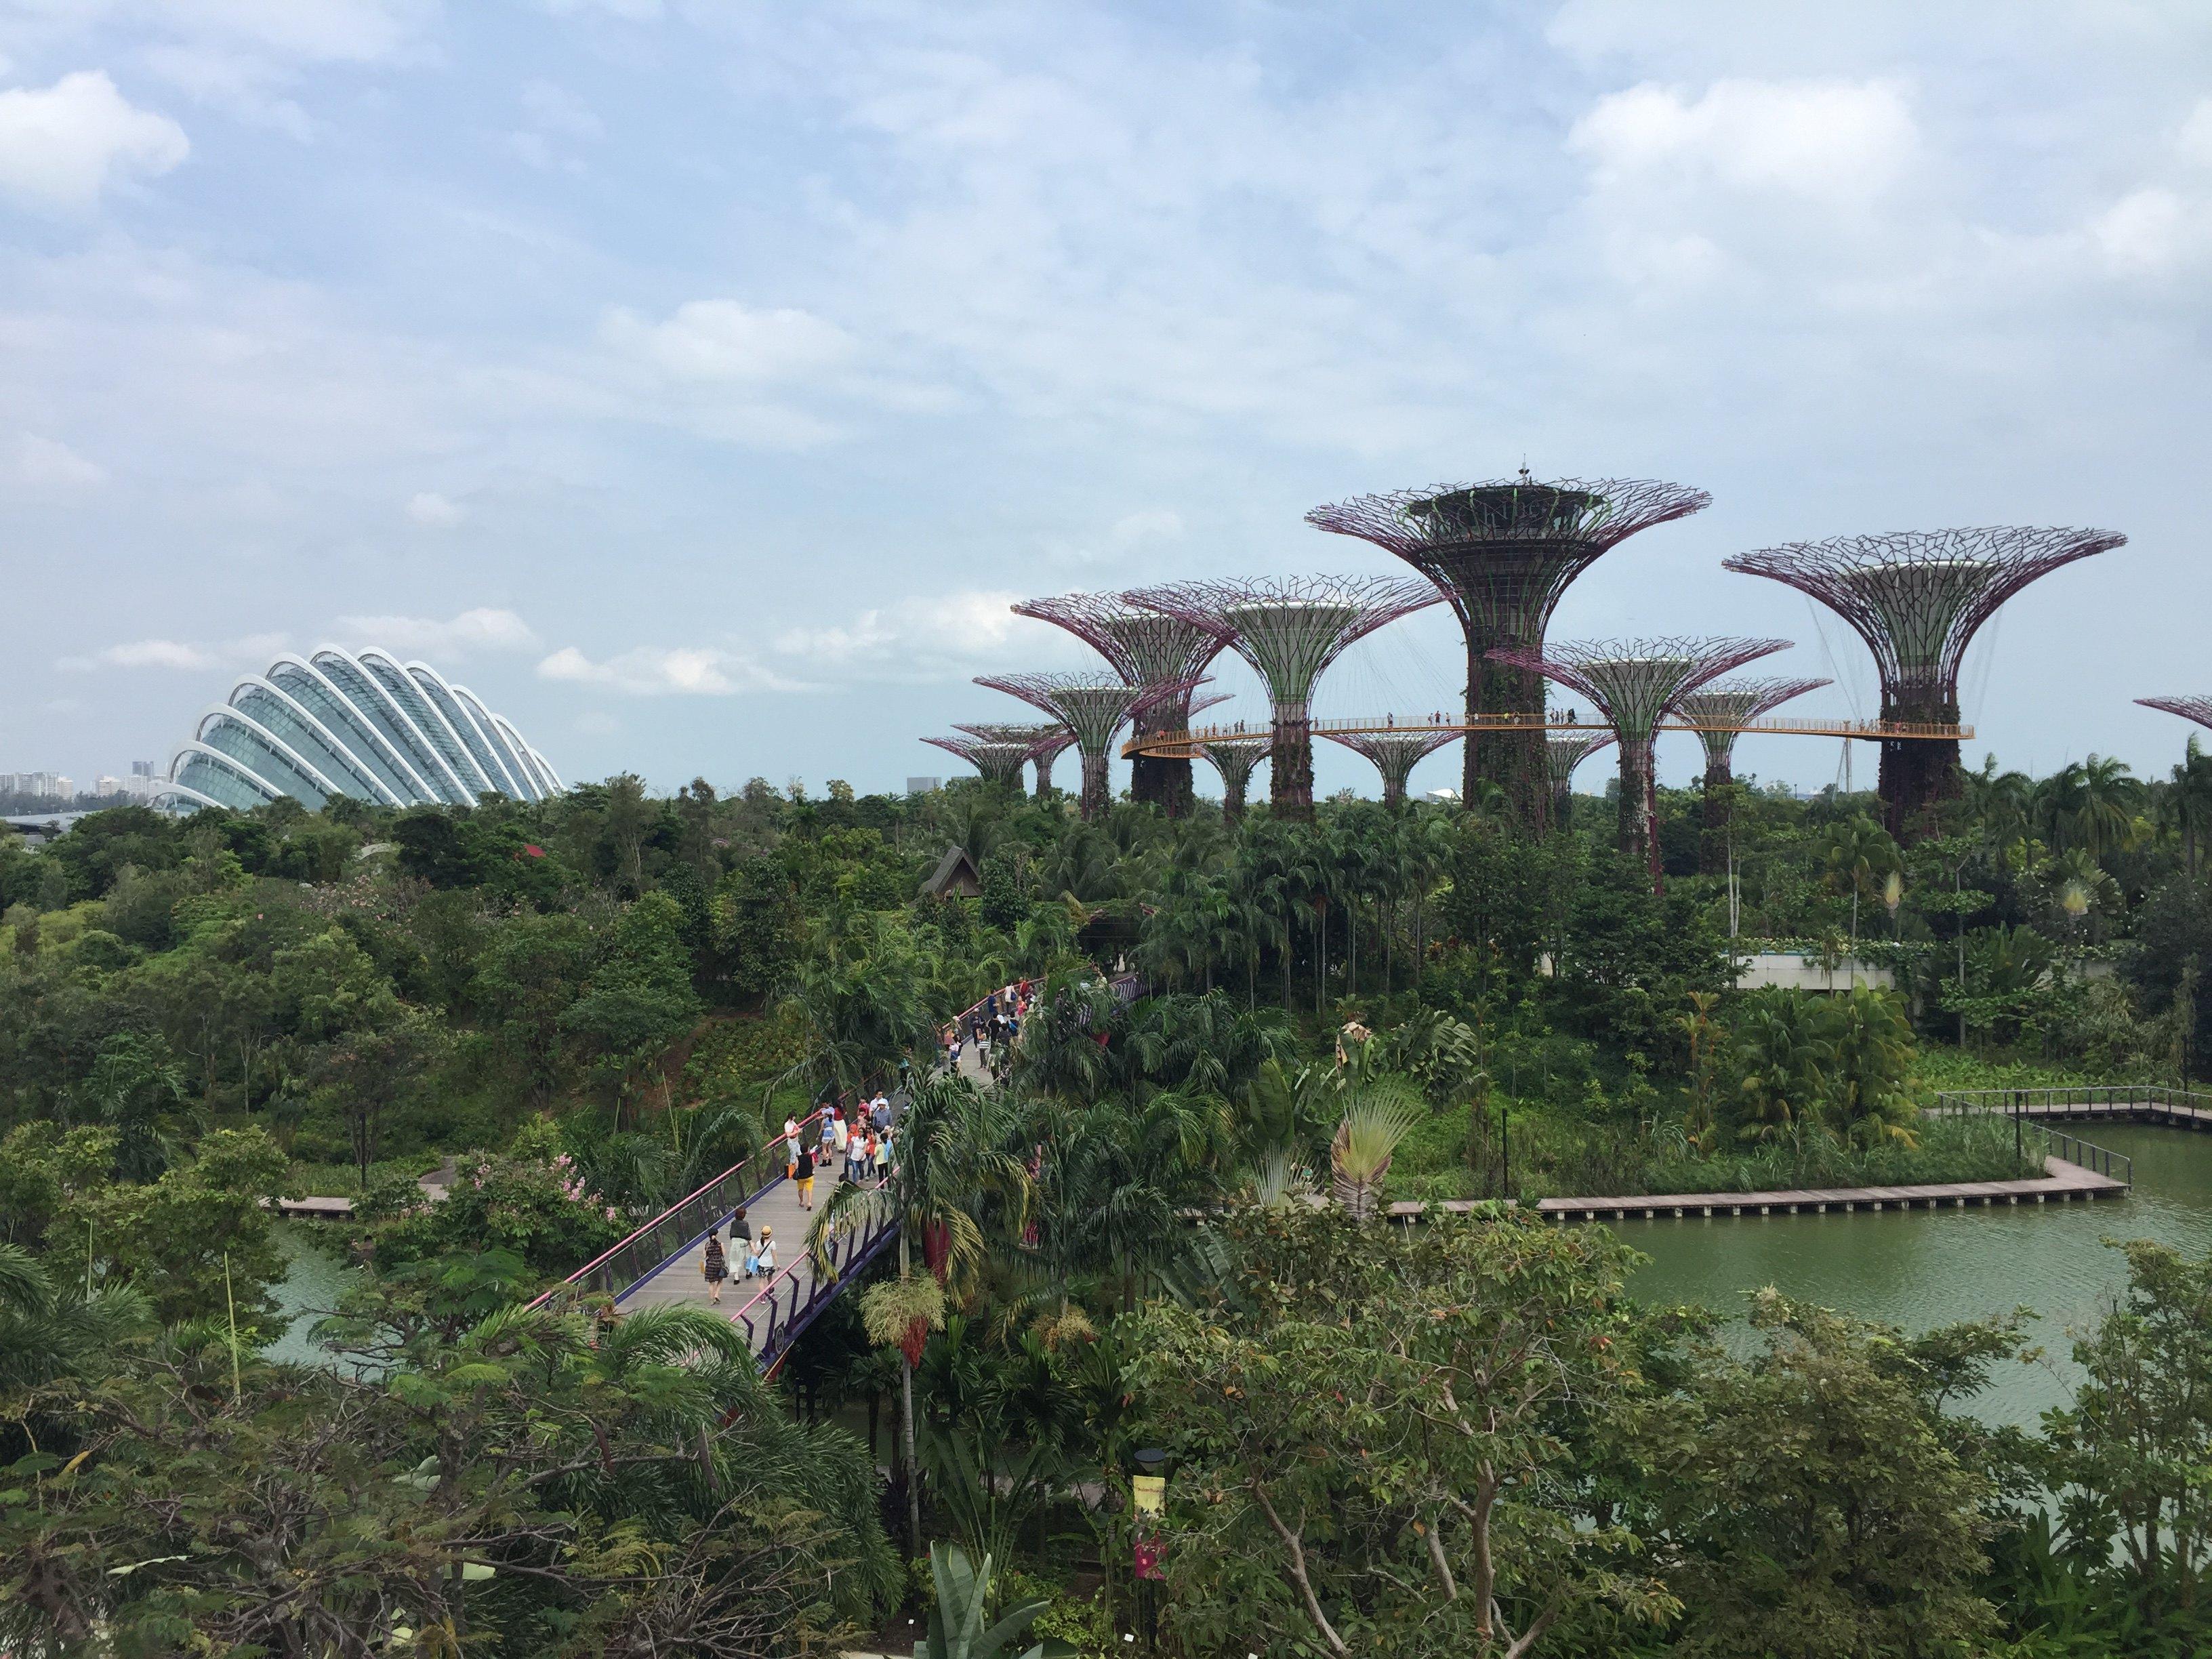 一座为大自然注入未来感的海湾花园,是滨海湾最新的热门场所,也是当前新加坡最新的植物园。现在好像只有南部园区开往,擎天大树带着七彩缤纷的科幻色彩,以及种植了多种濒危植物的未来主义温室都是绝对的亮点。 刚拿到狮城全景通的时候,看到里面写明是包括滨海湾花园的门票。所以让我一直误认为进入园区是需要门票的。 门票其实是免费!温室才需要门票$28(就是我标记红色圈的地方,可以换票),空中的走道$5,也包含在全景通里面,不过也需要在温室换。 到达Bayfront地铁站的时候已经20:00,之前已经知道每天19:30和2